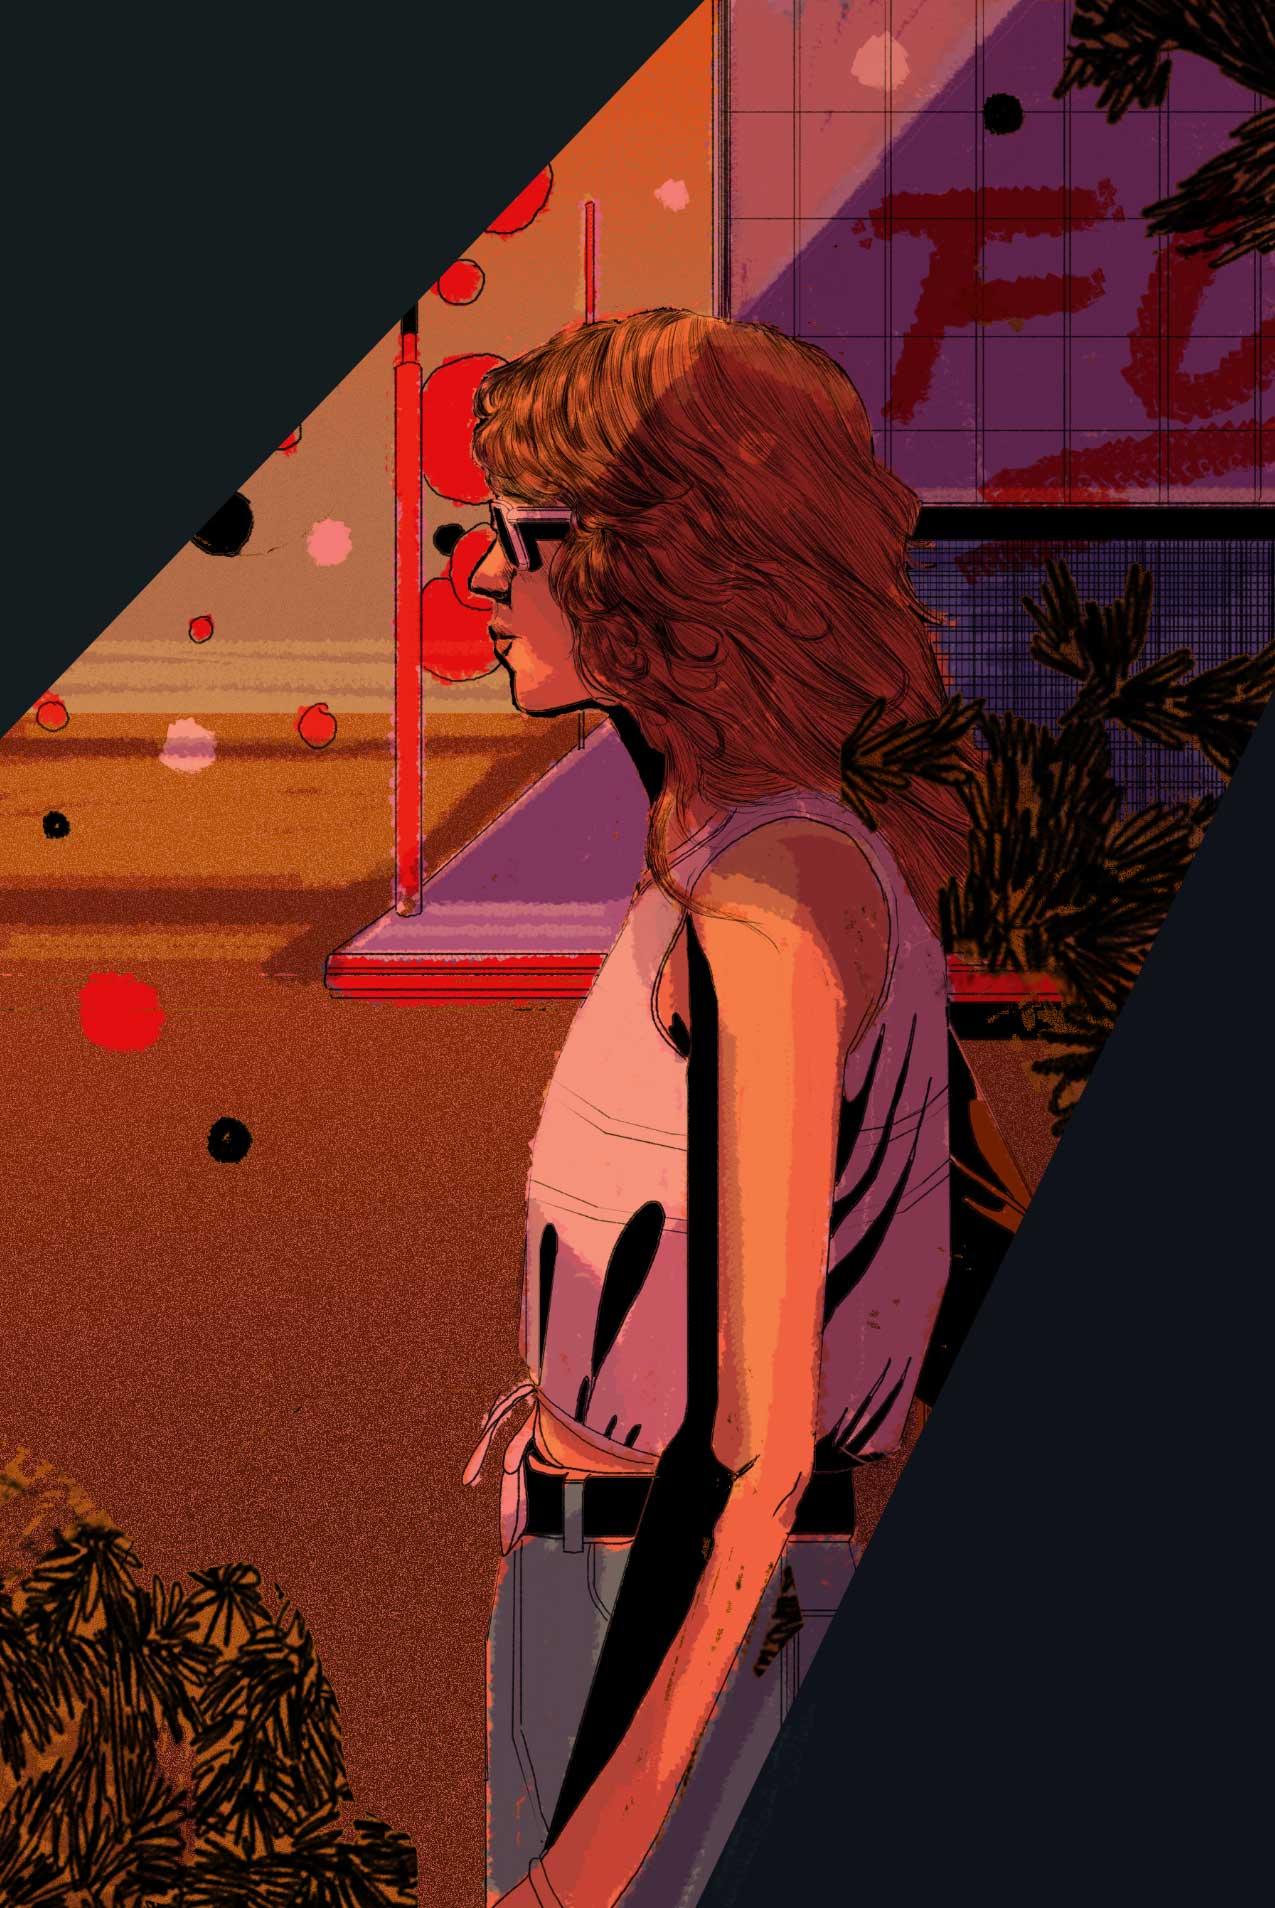 Illustration: Nicole Rifkin Nicole-Rifkin-illustration_08